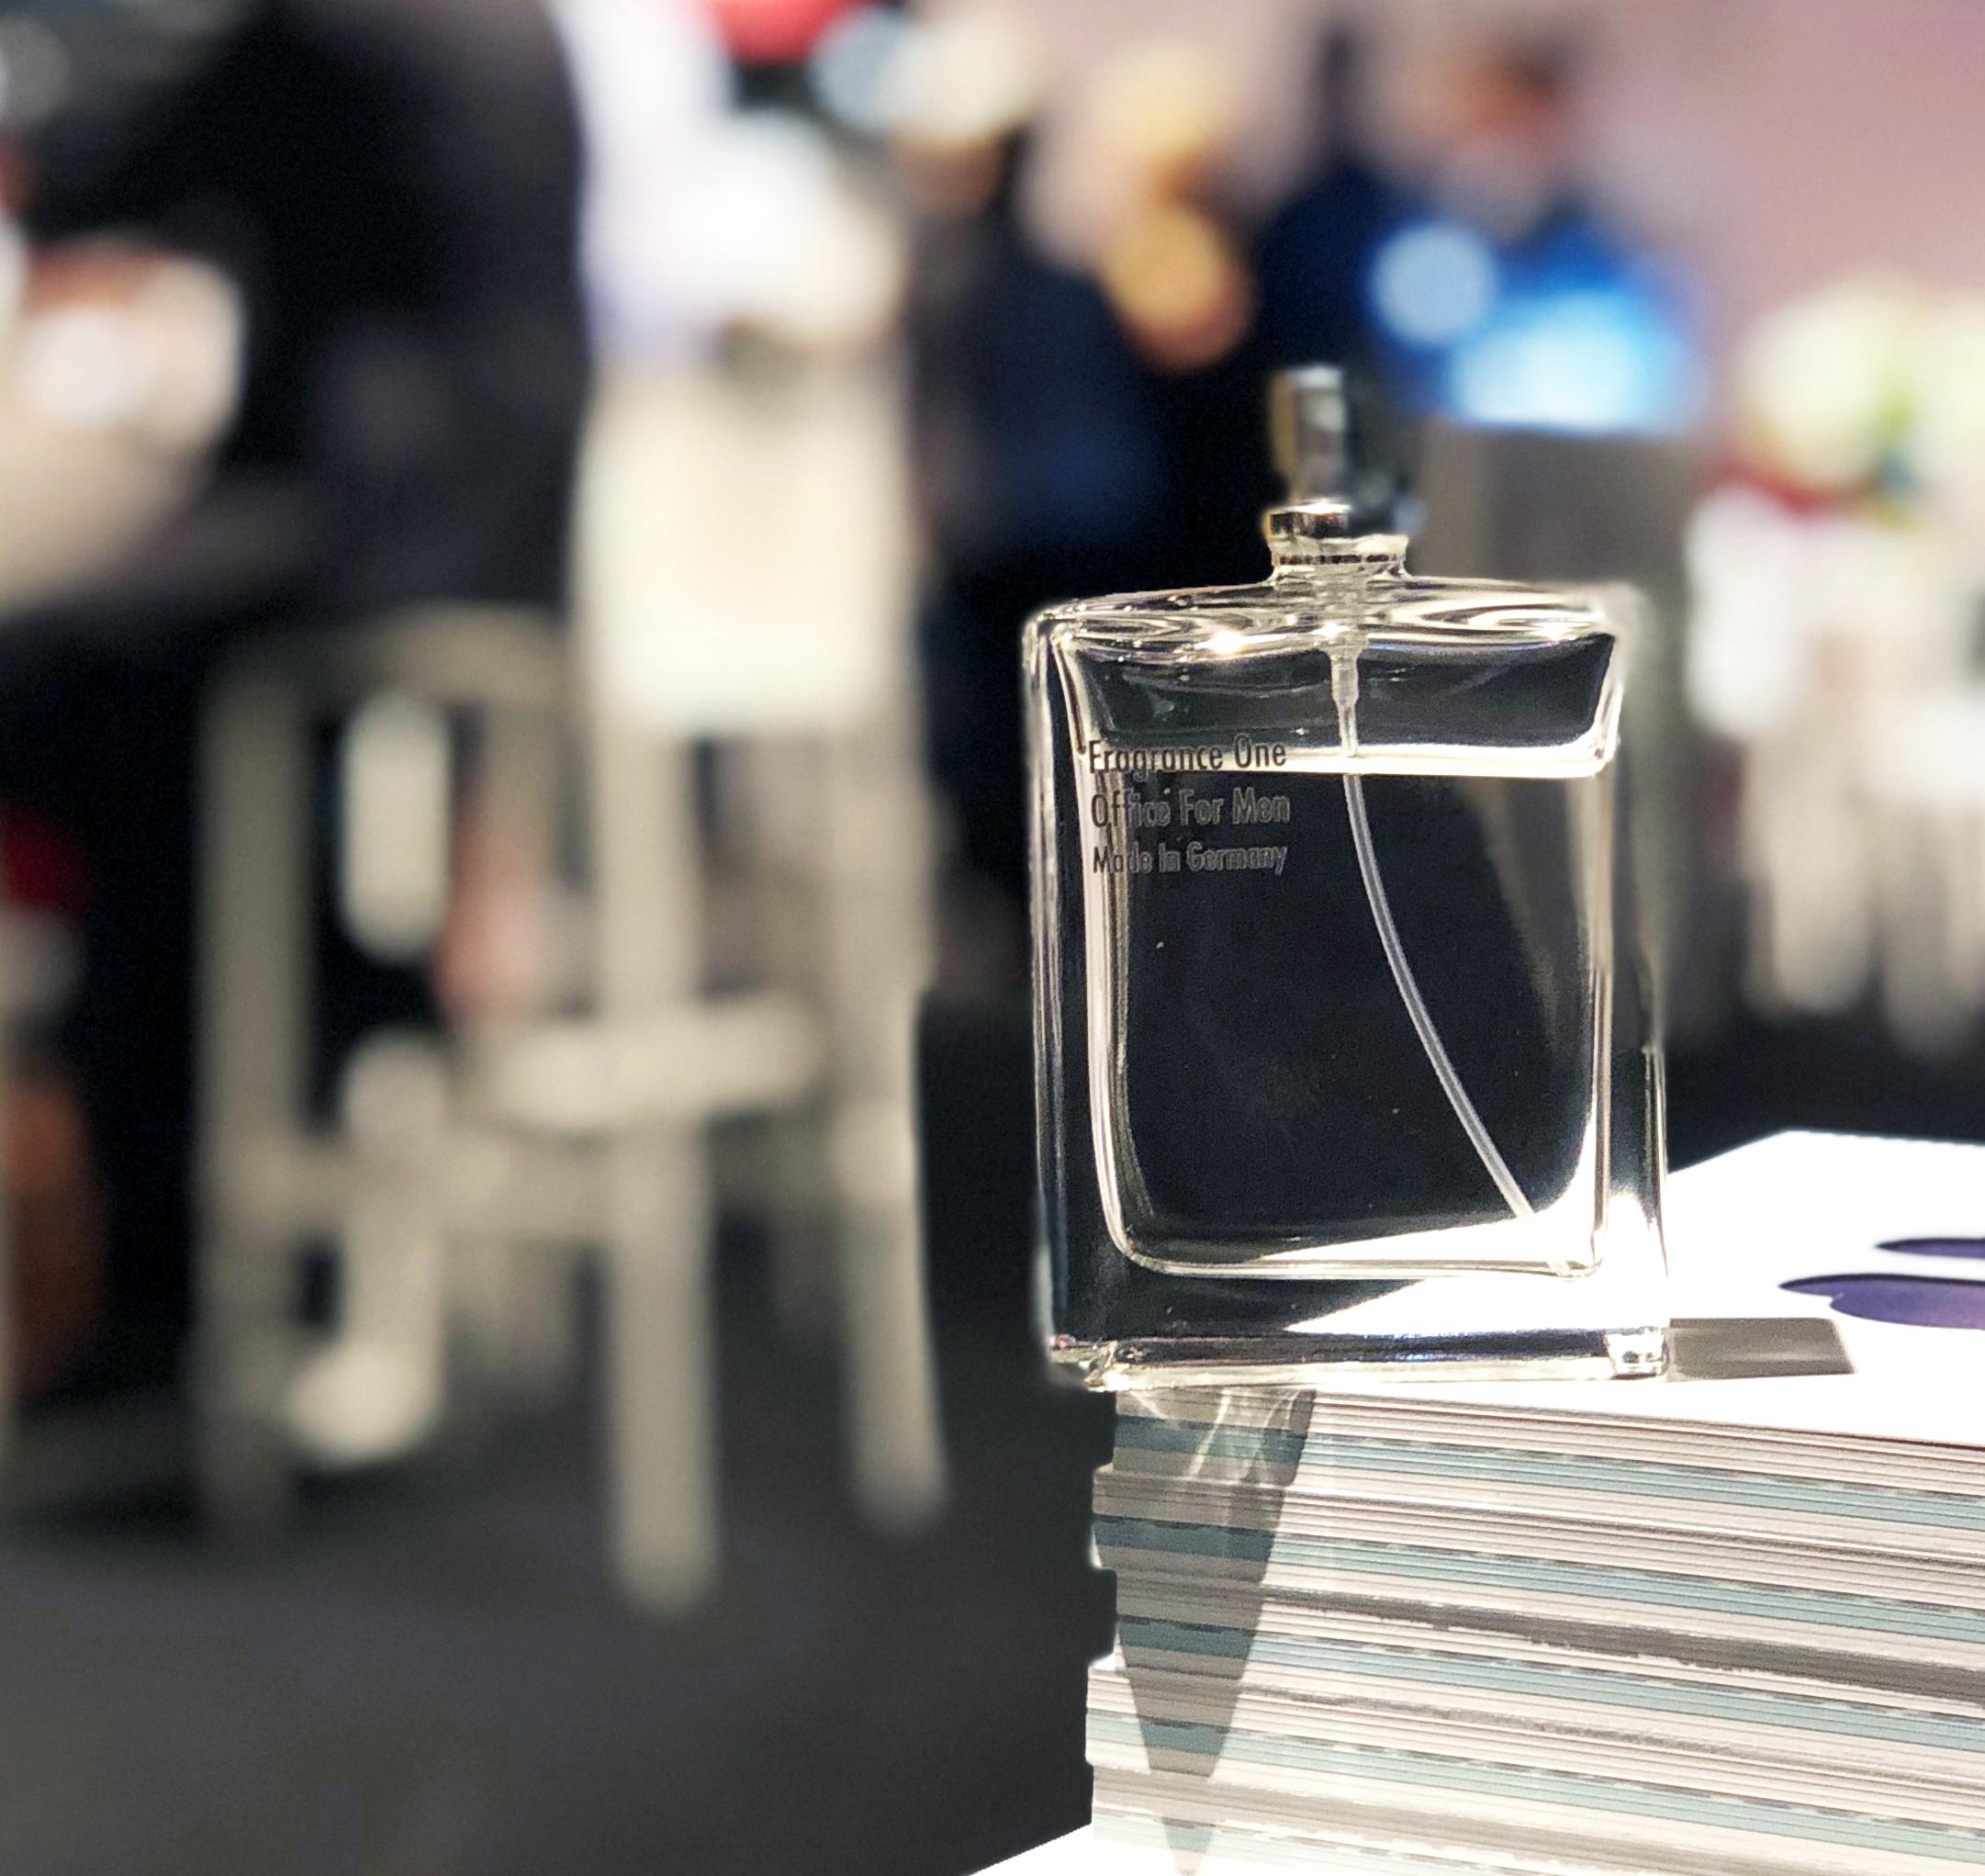 Office For Men – das erste Parfum von Jeremy Fragrance ~ Reviews